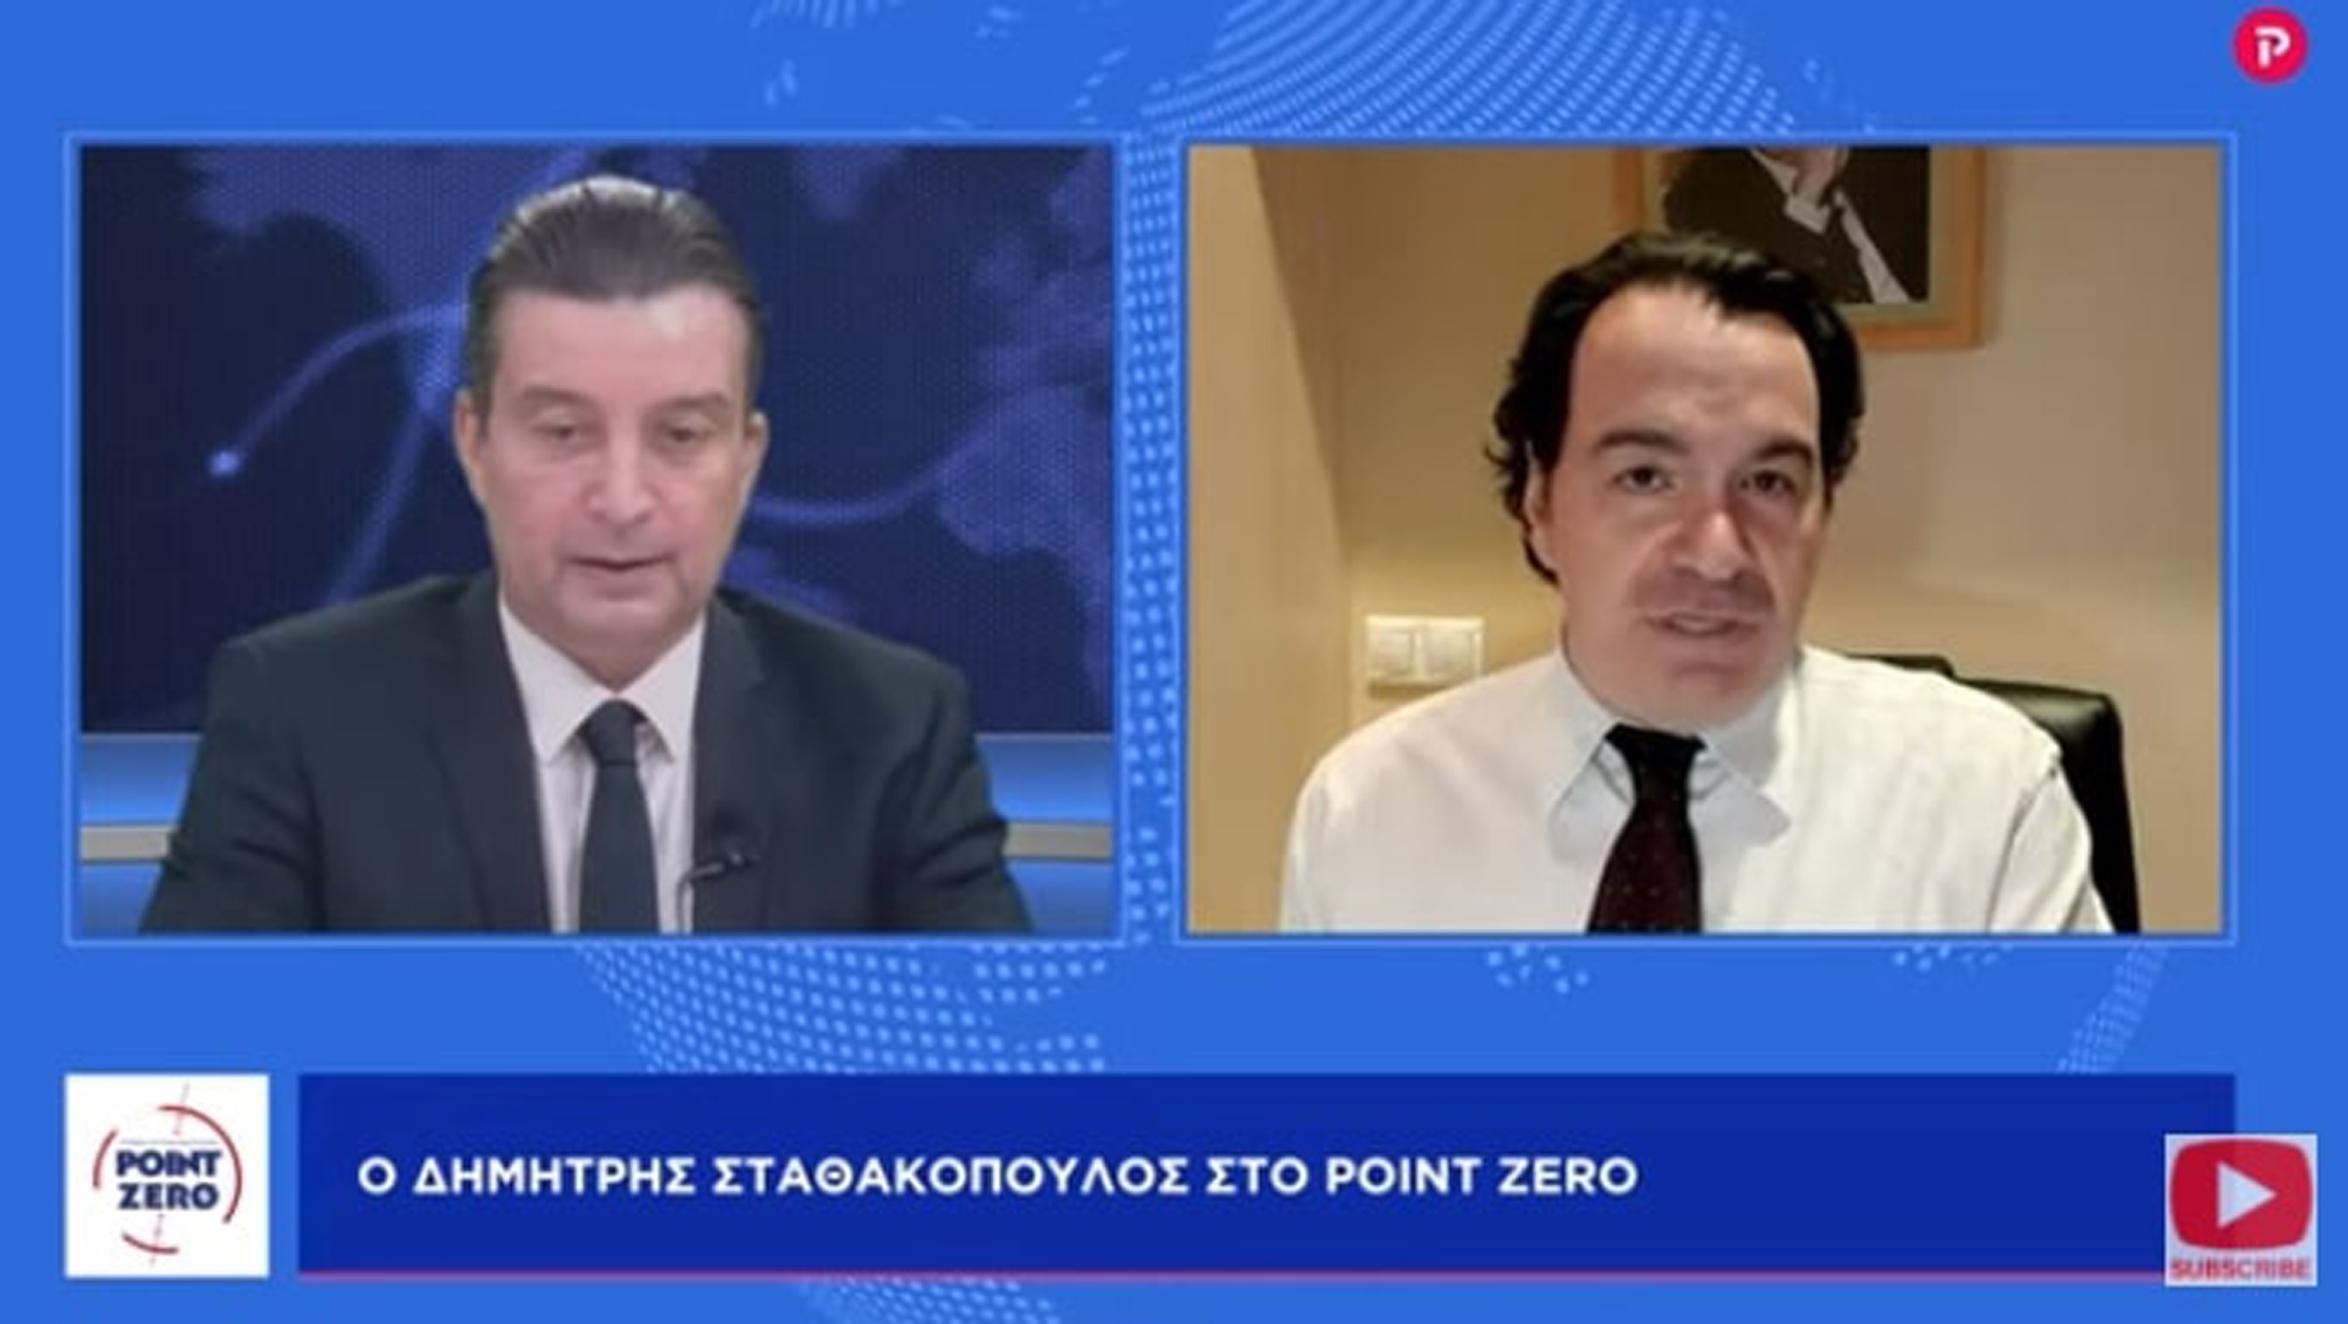 Δημήτρης Σταθακόπουλος